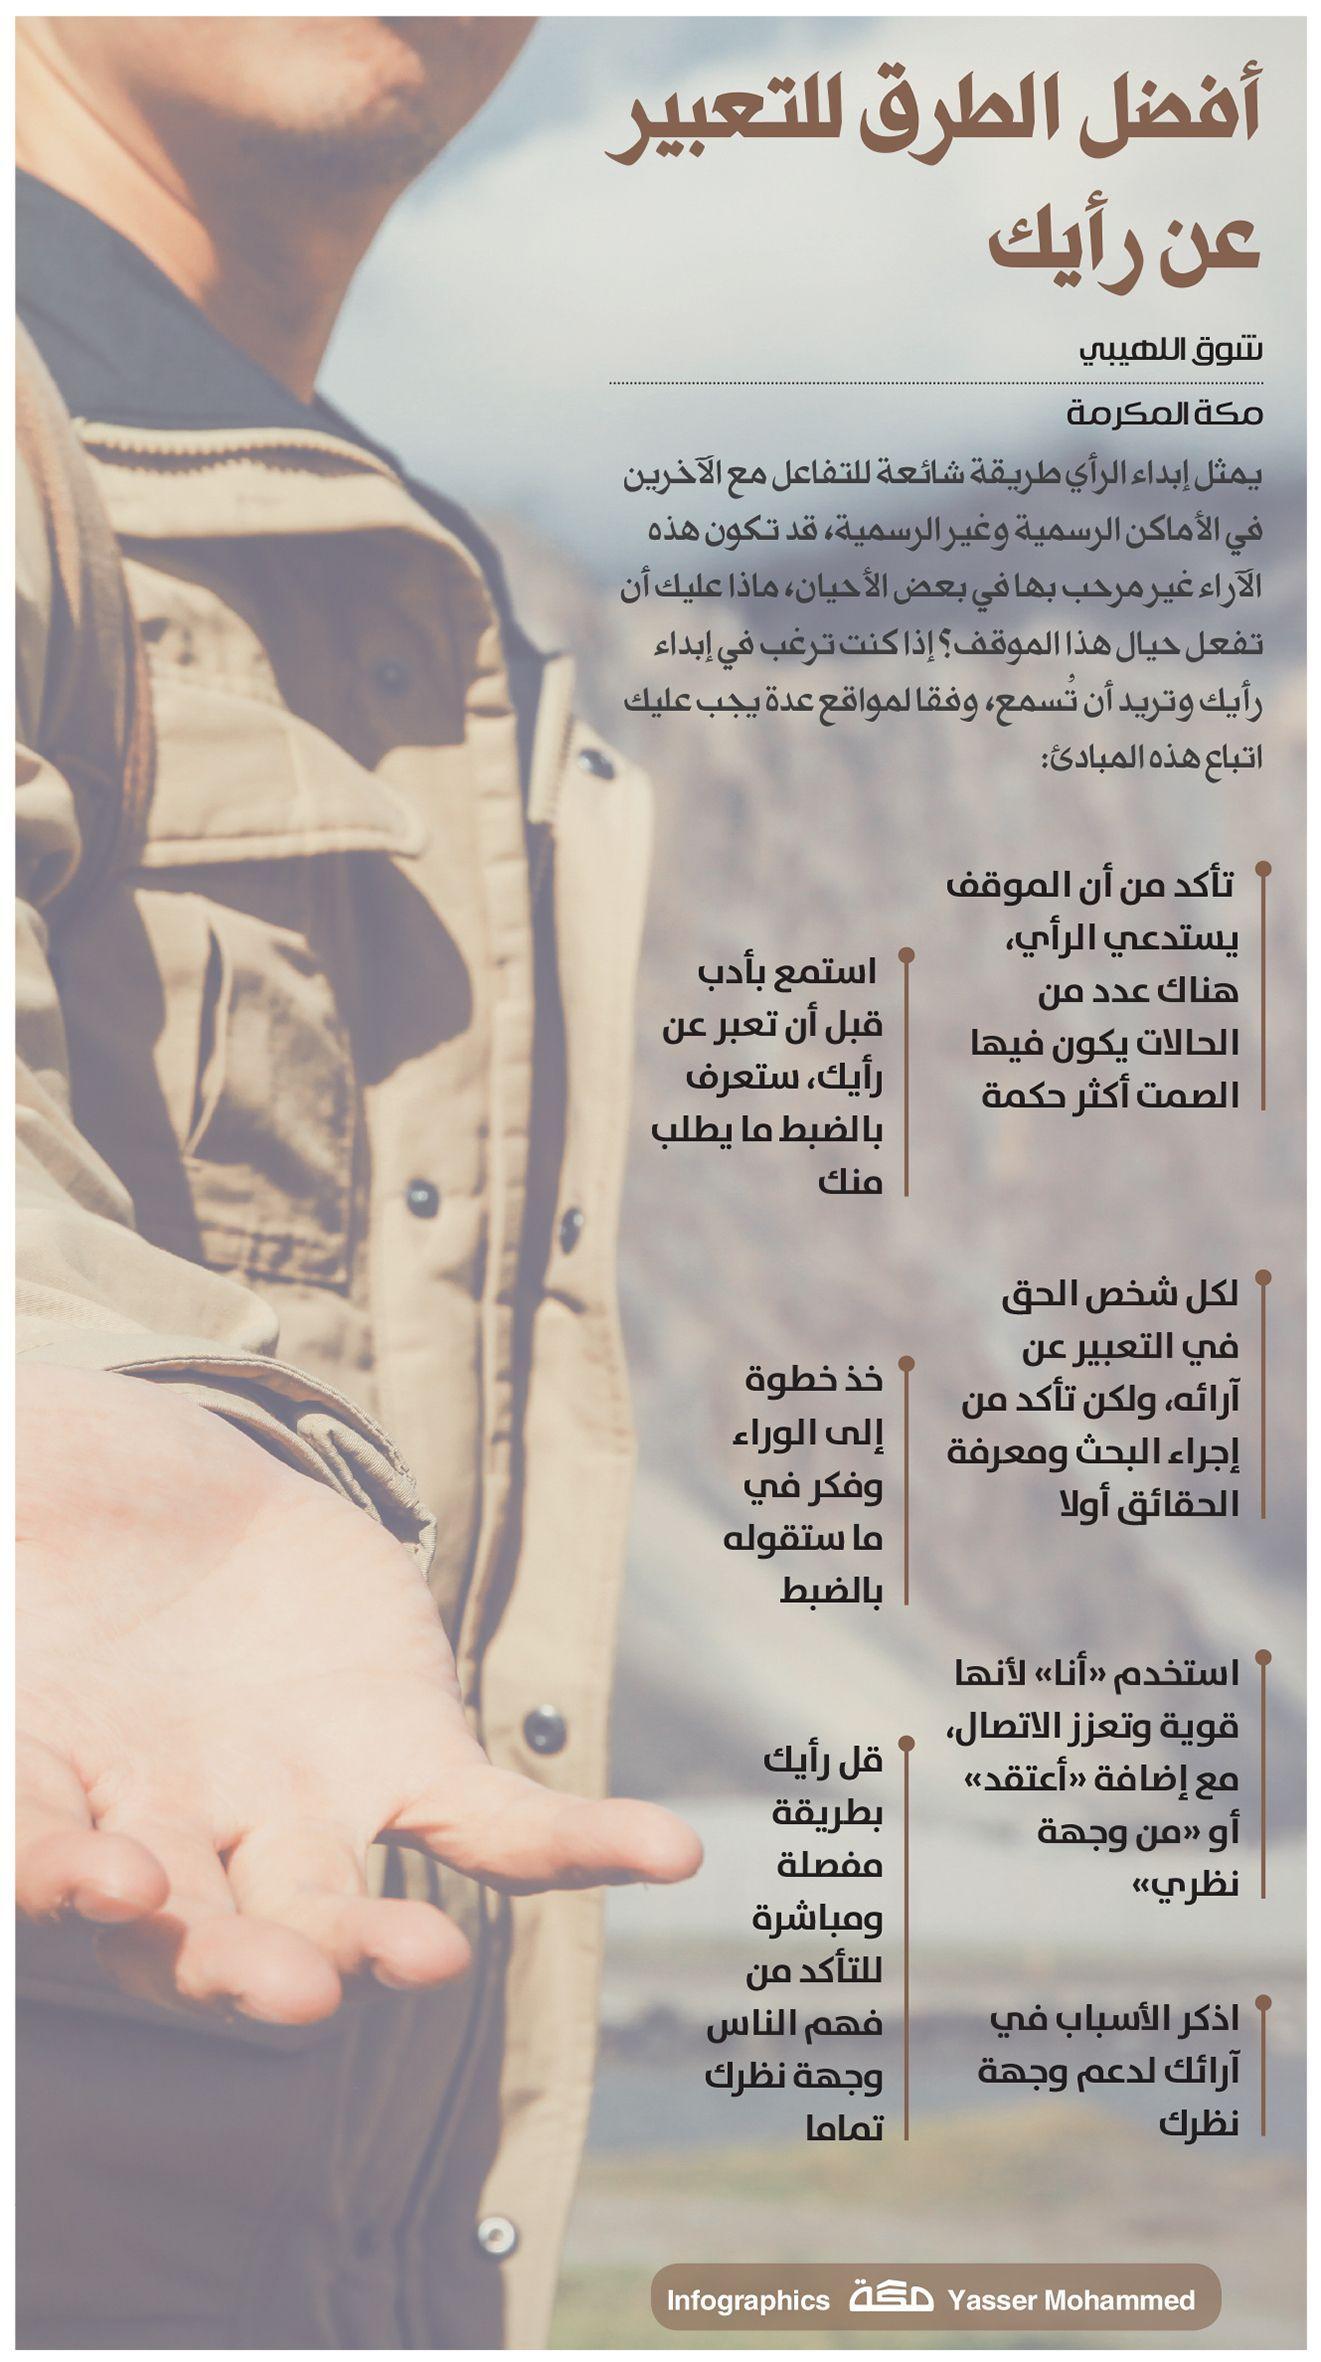 إنفوجرافيك أفضل الطرق للتعبير عن رأيك صحيفة مكة Makkahnp Dsw Infographic Lab Coat